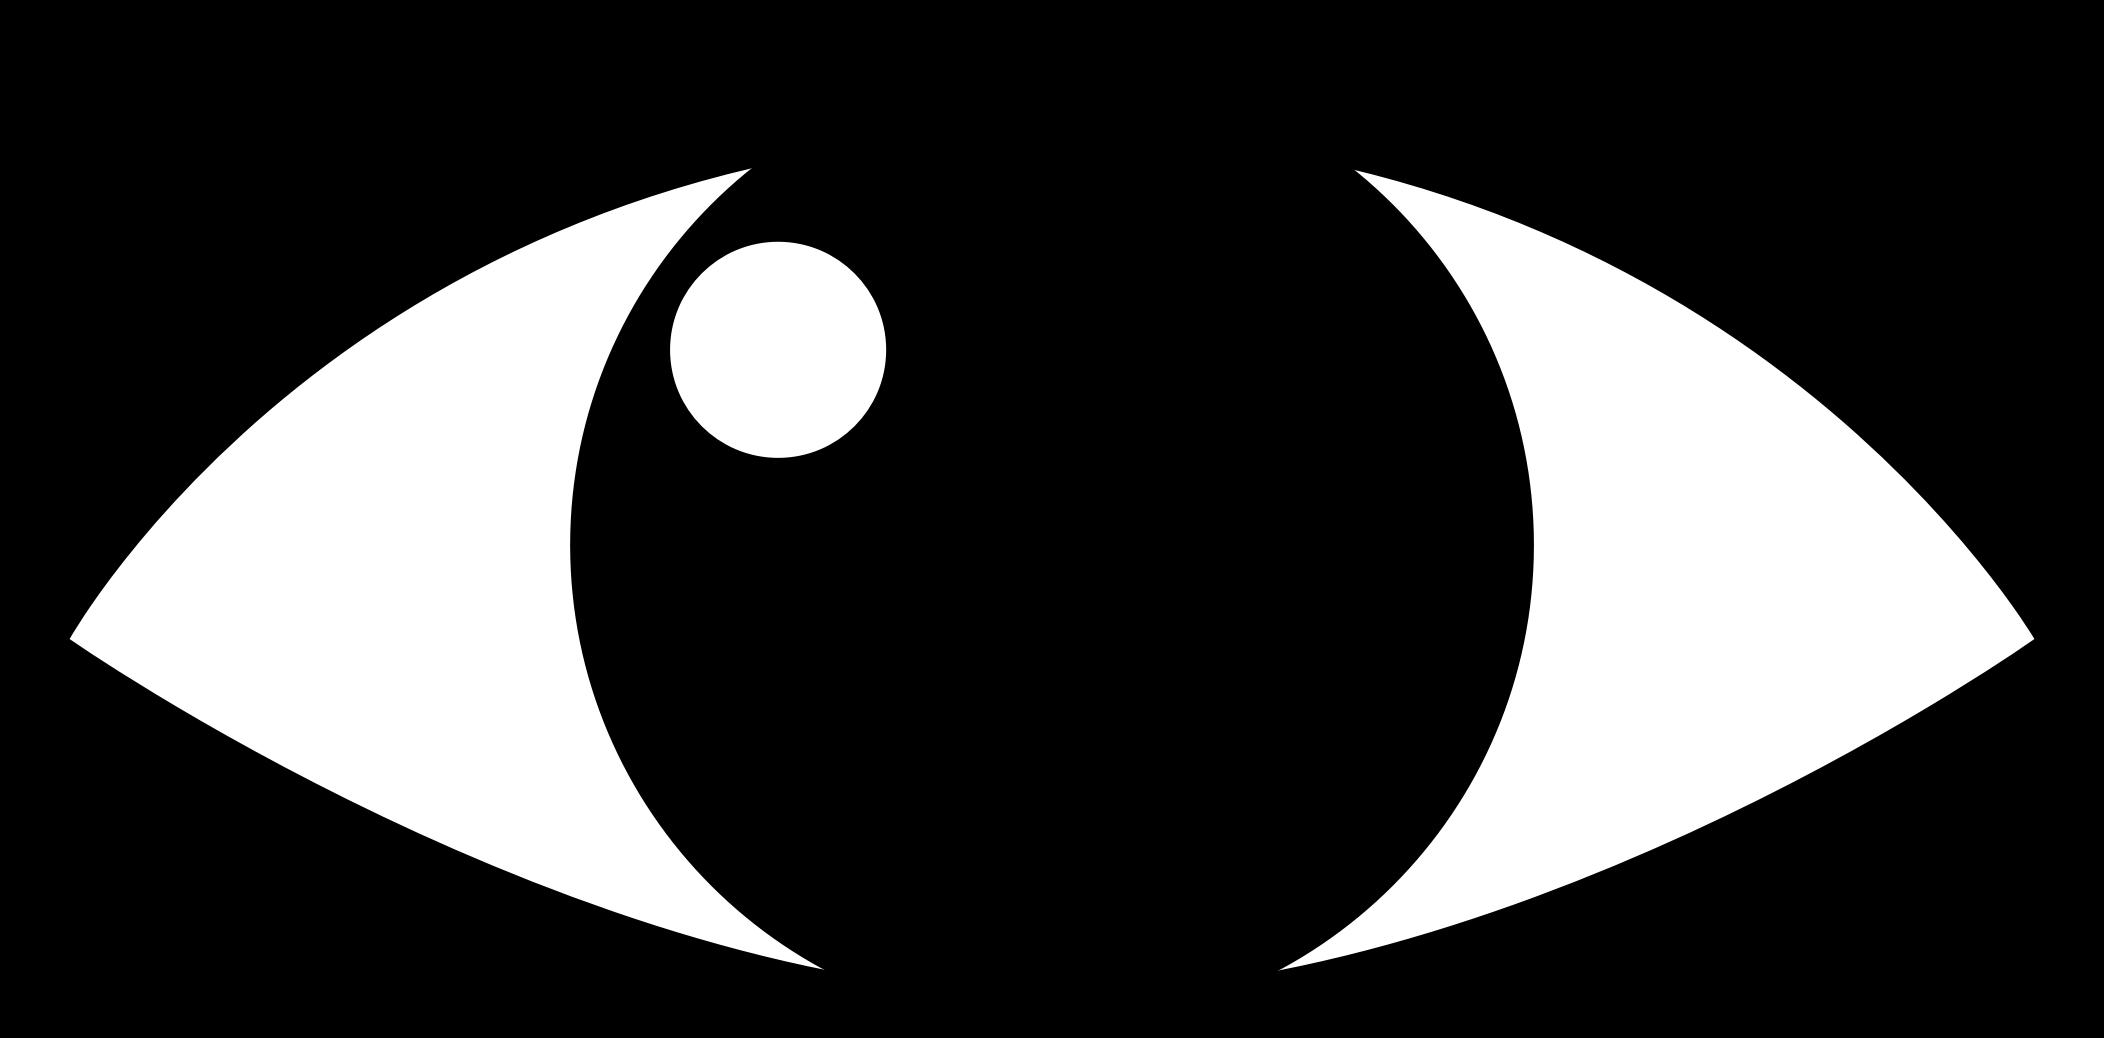 2104x1038 Eye Clip Art